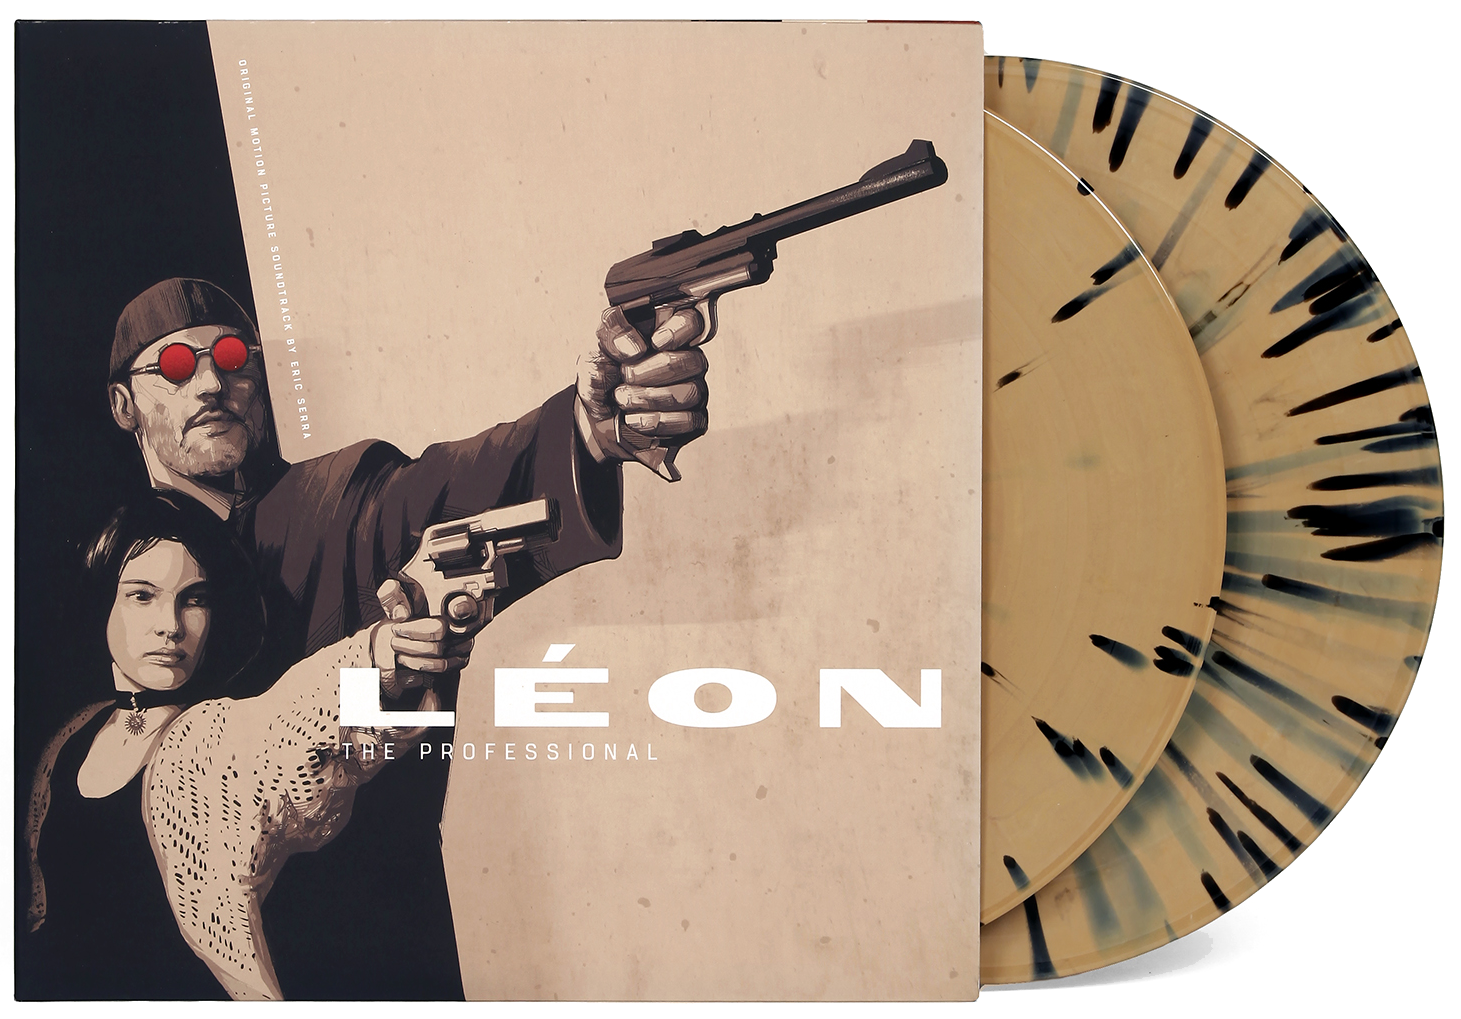 LEON: THE PROFESSIONAL - Waxwork / Sony / Columbia PictureFilm Soundtrack on vinyl